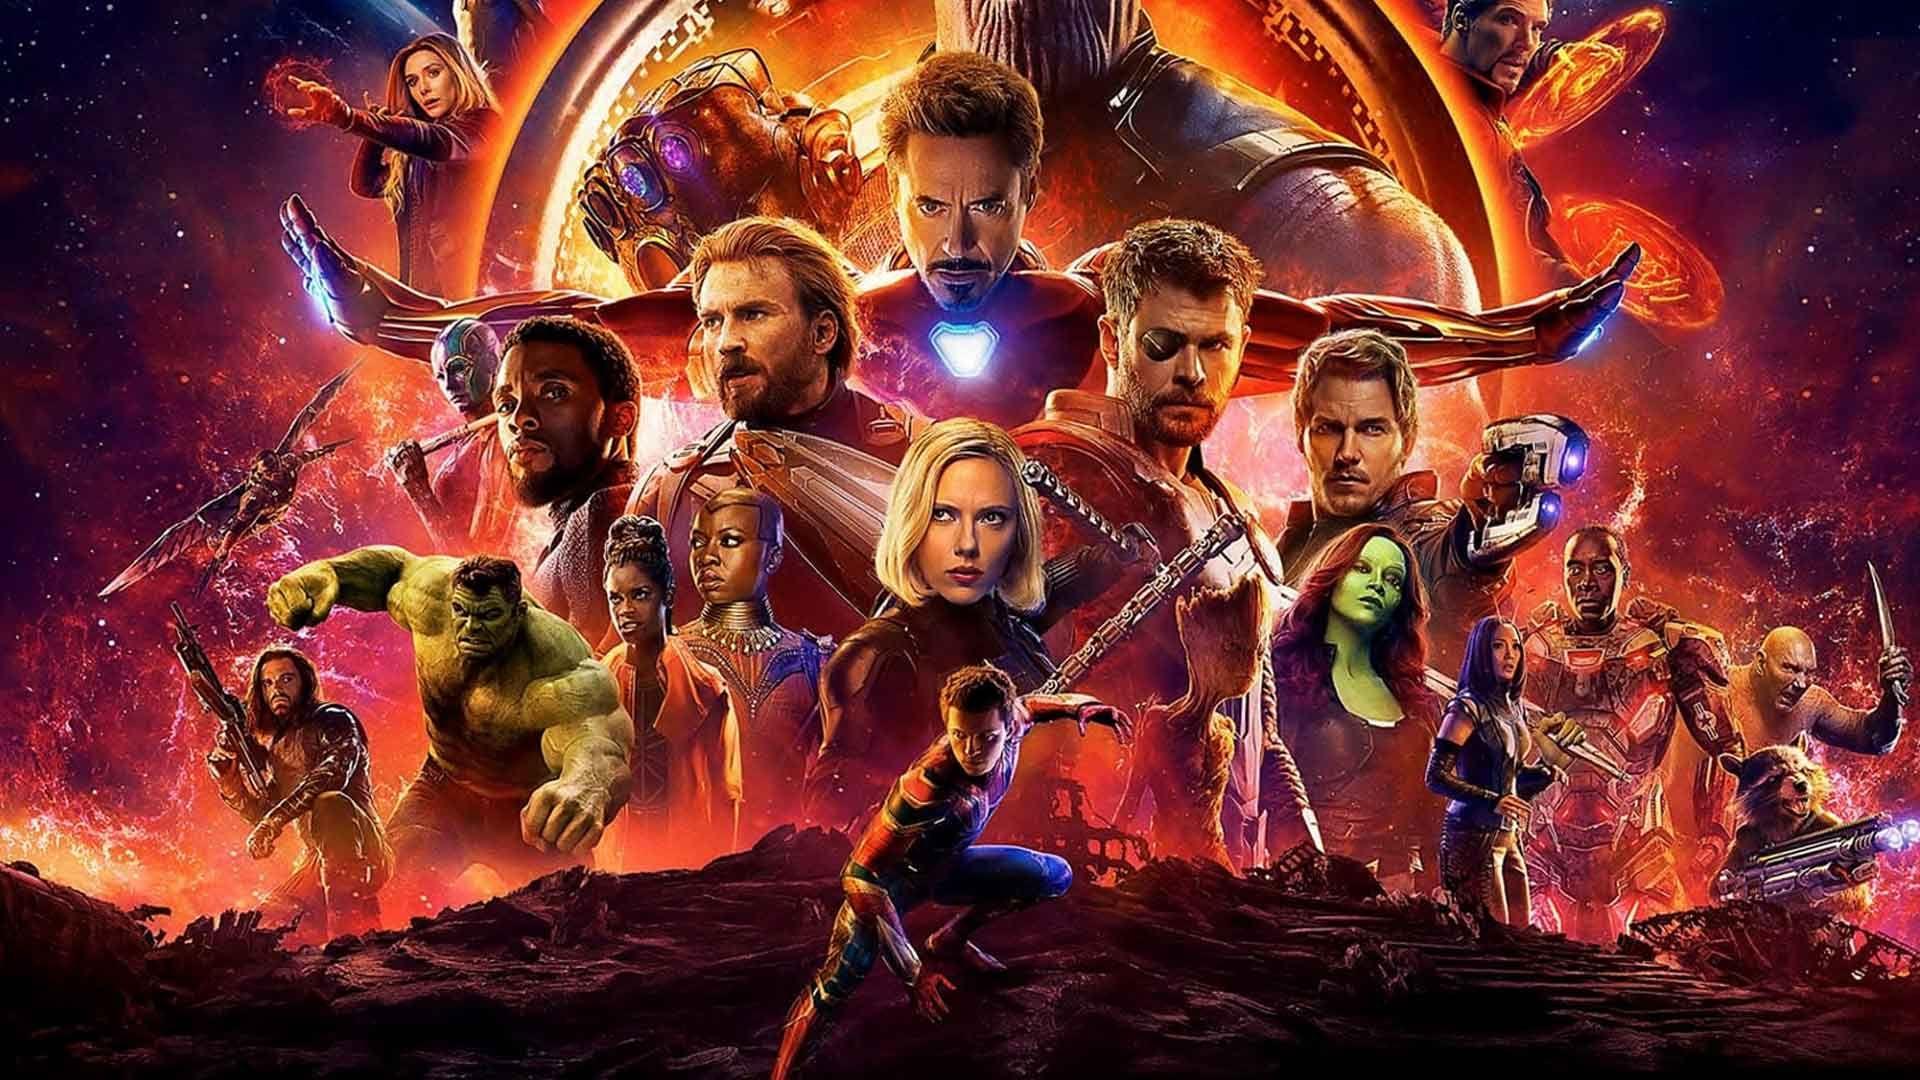 Watch Online Avengers Infinitywar 2018 Avengers Movies